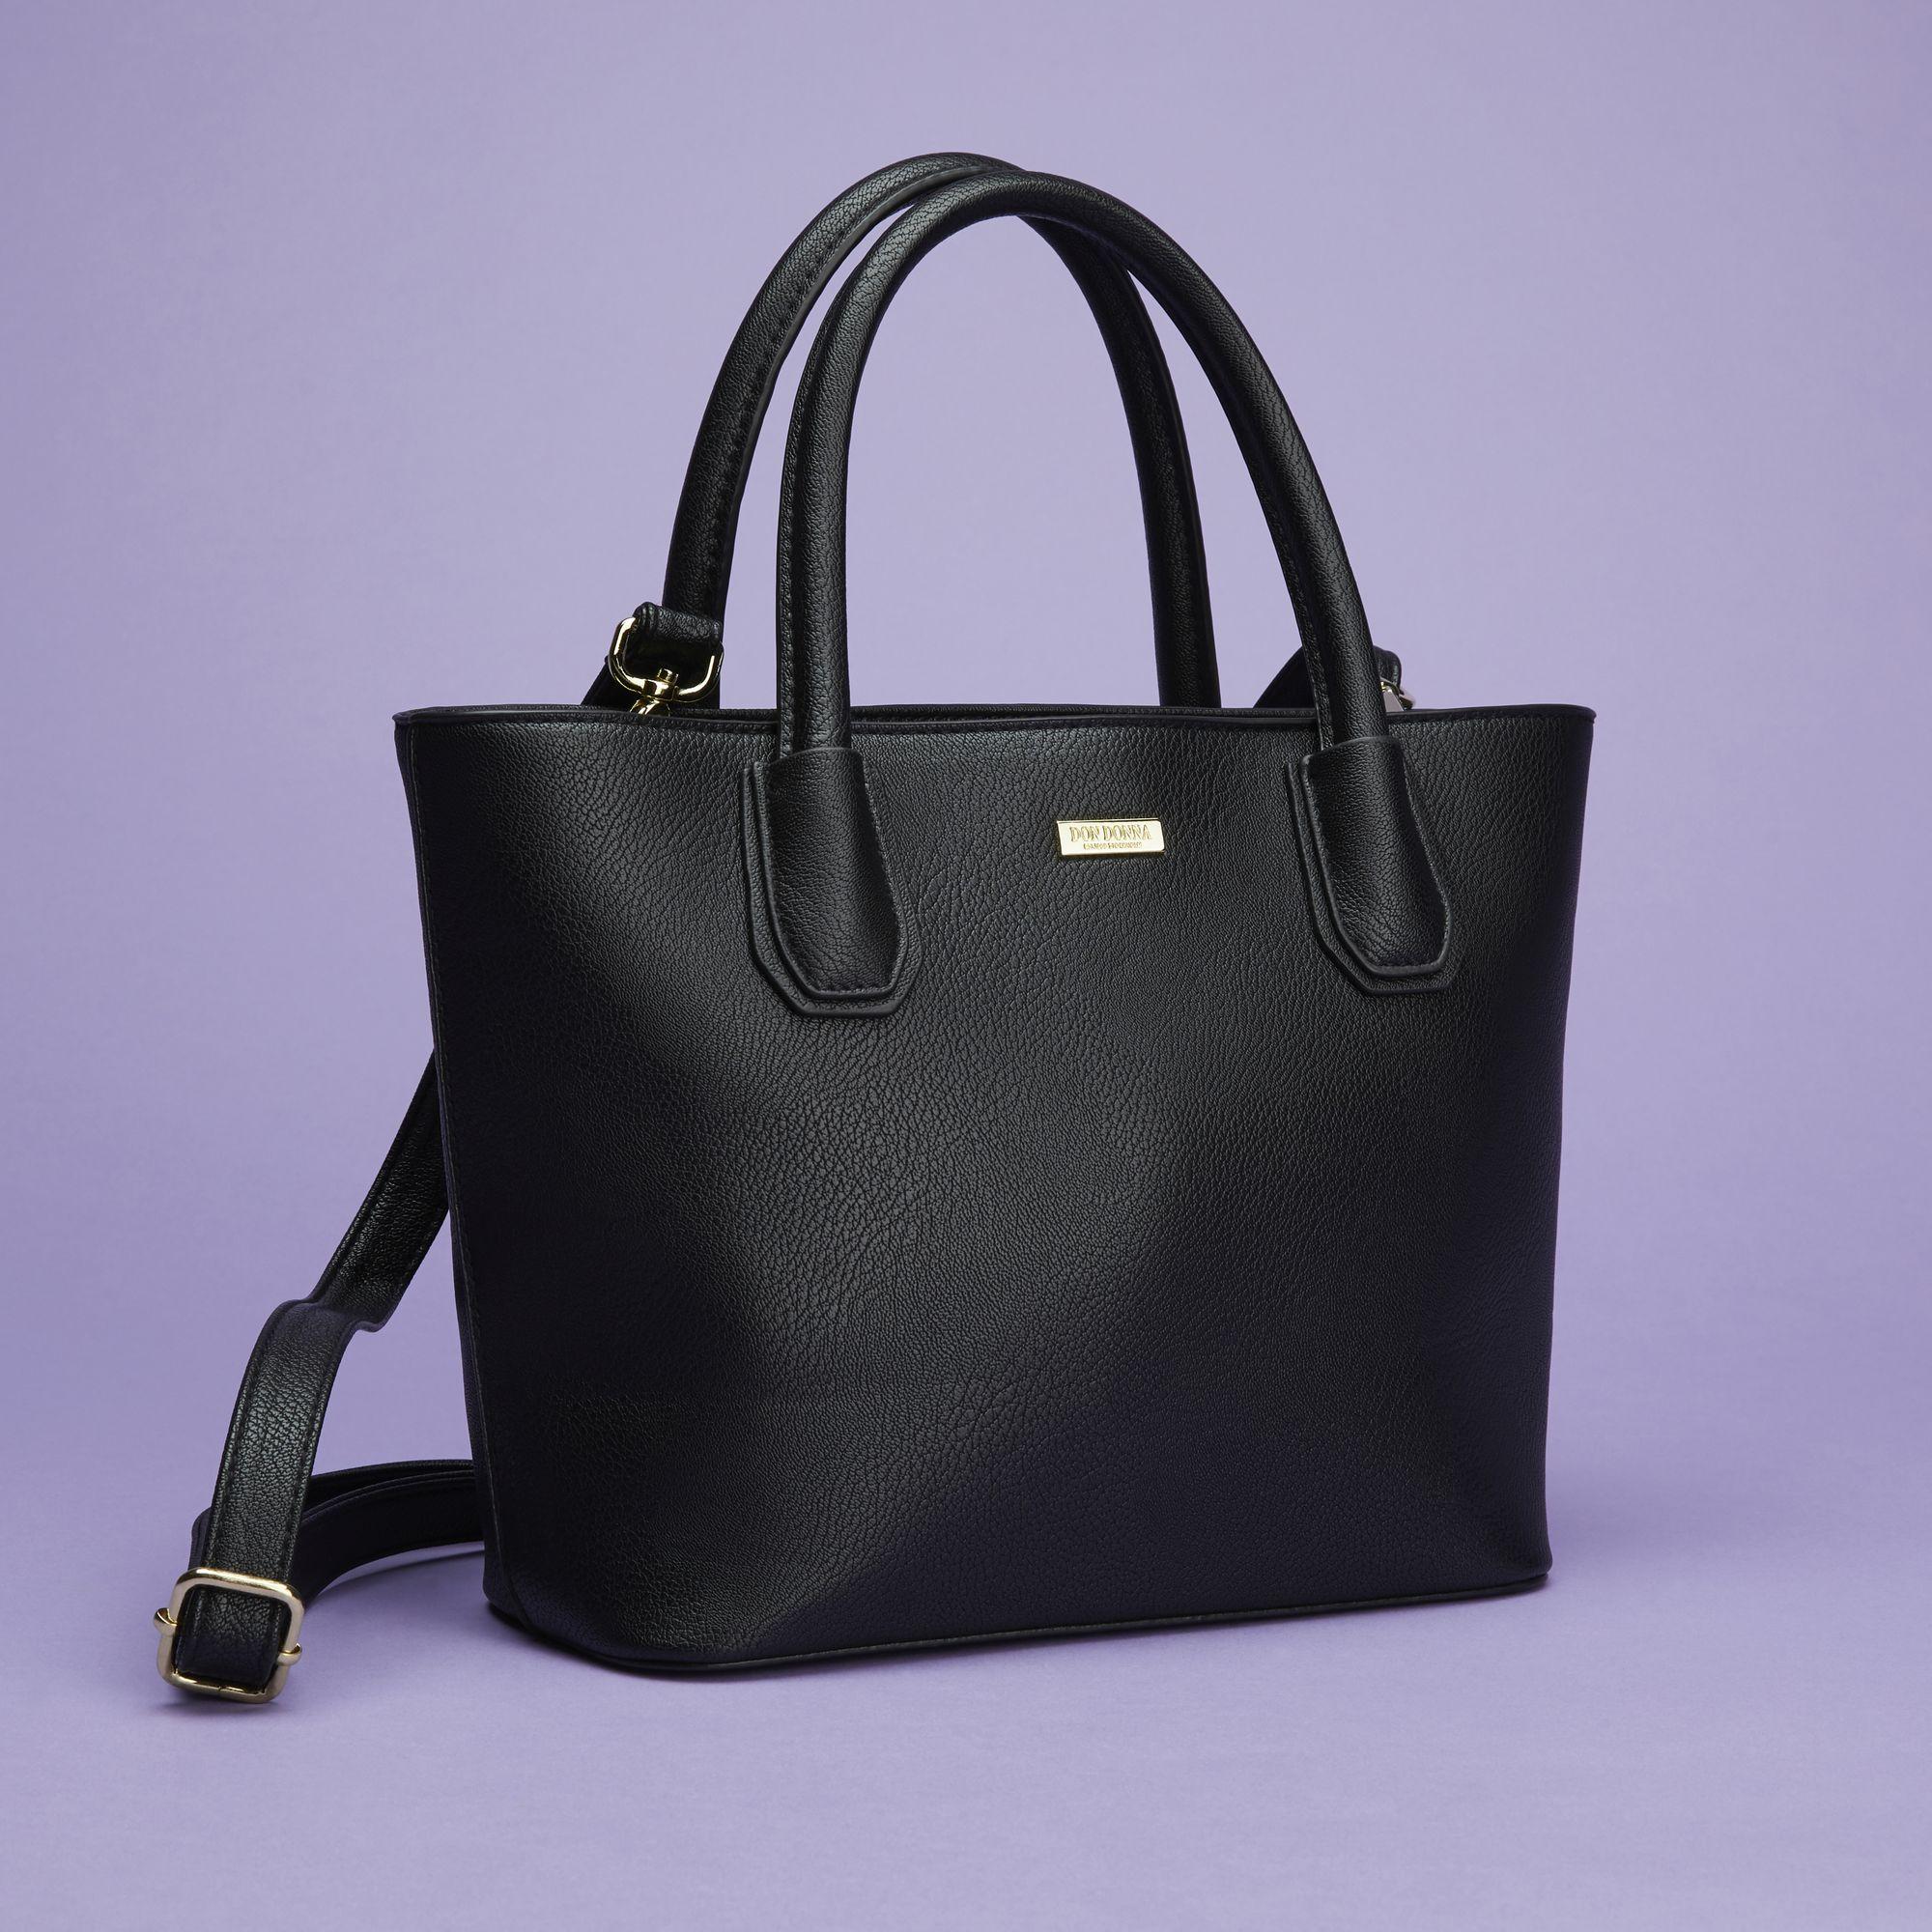 don donna väska